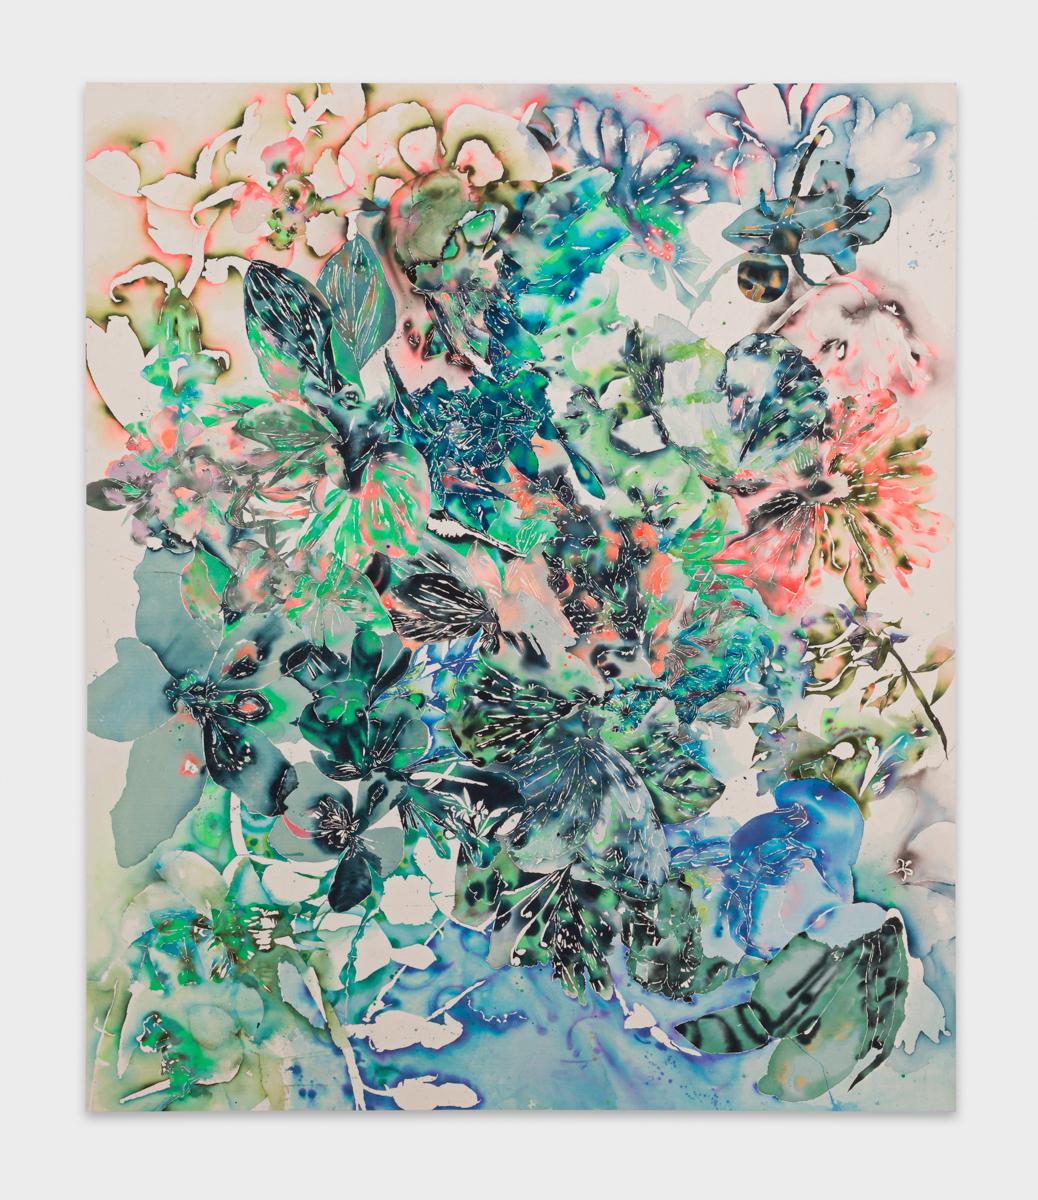 Elaine-Rubenoff-In-Bloom-15.jpg